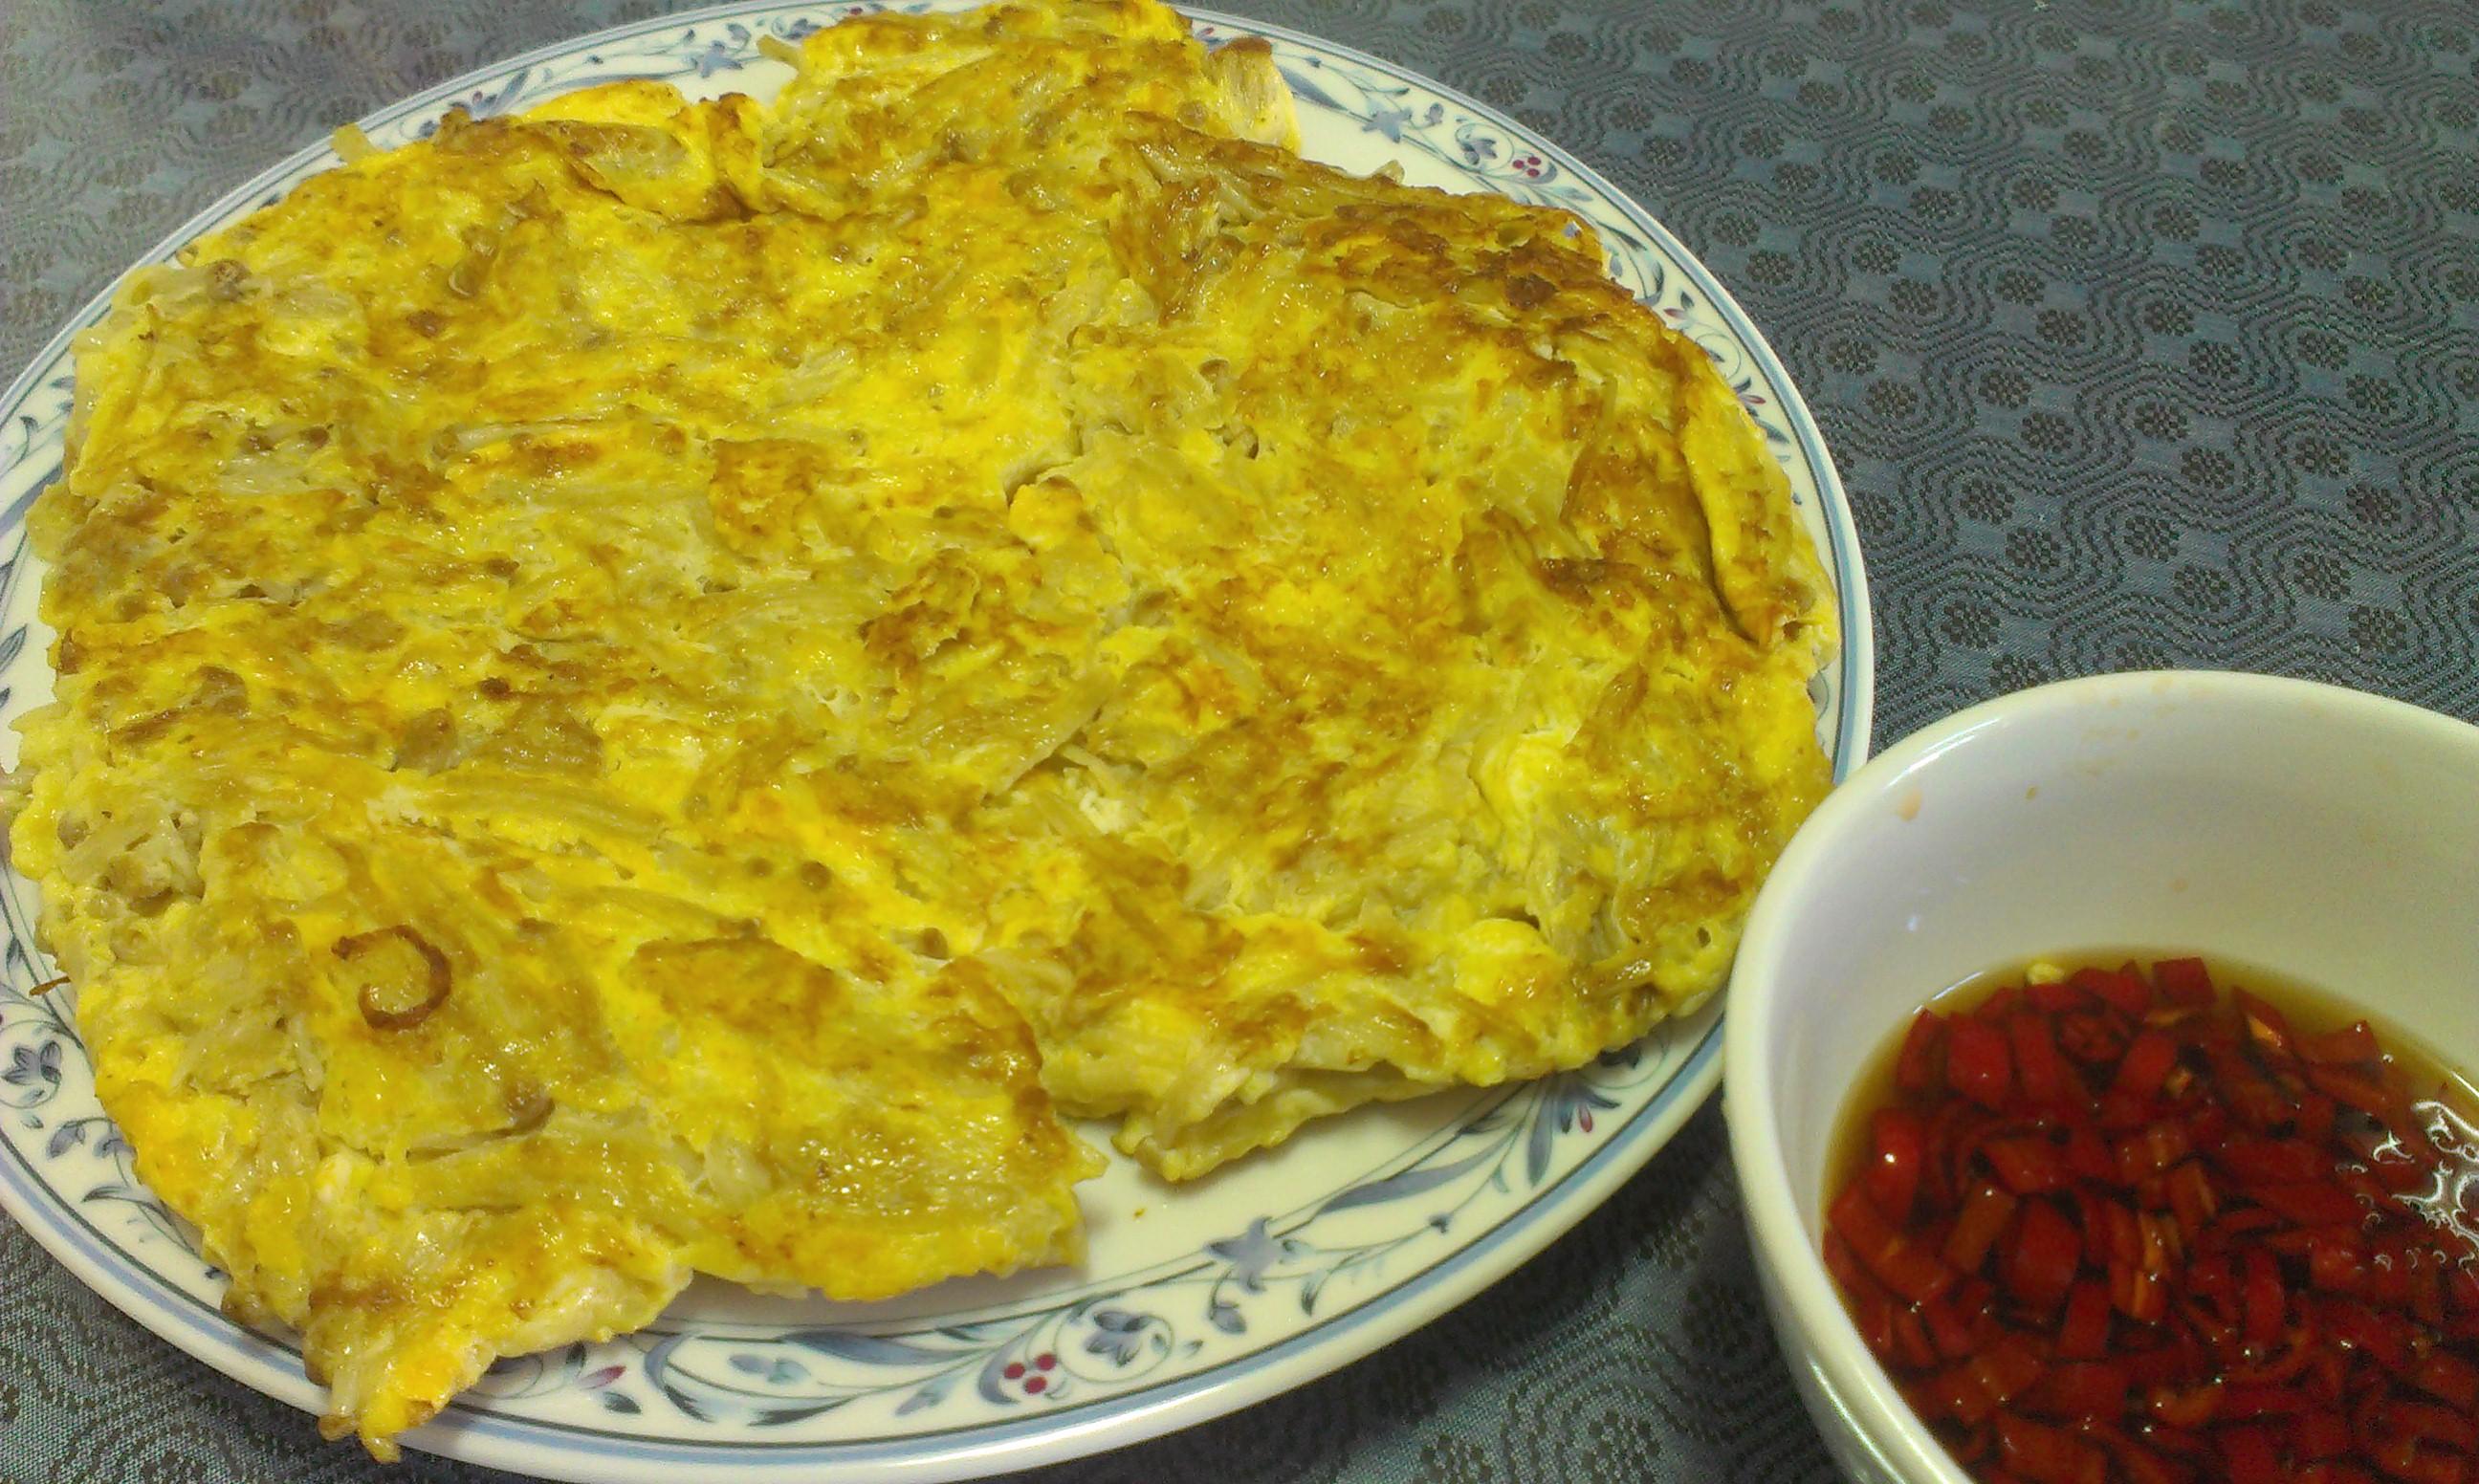 泰式魚露醬汁金針菇煎蛋